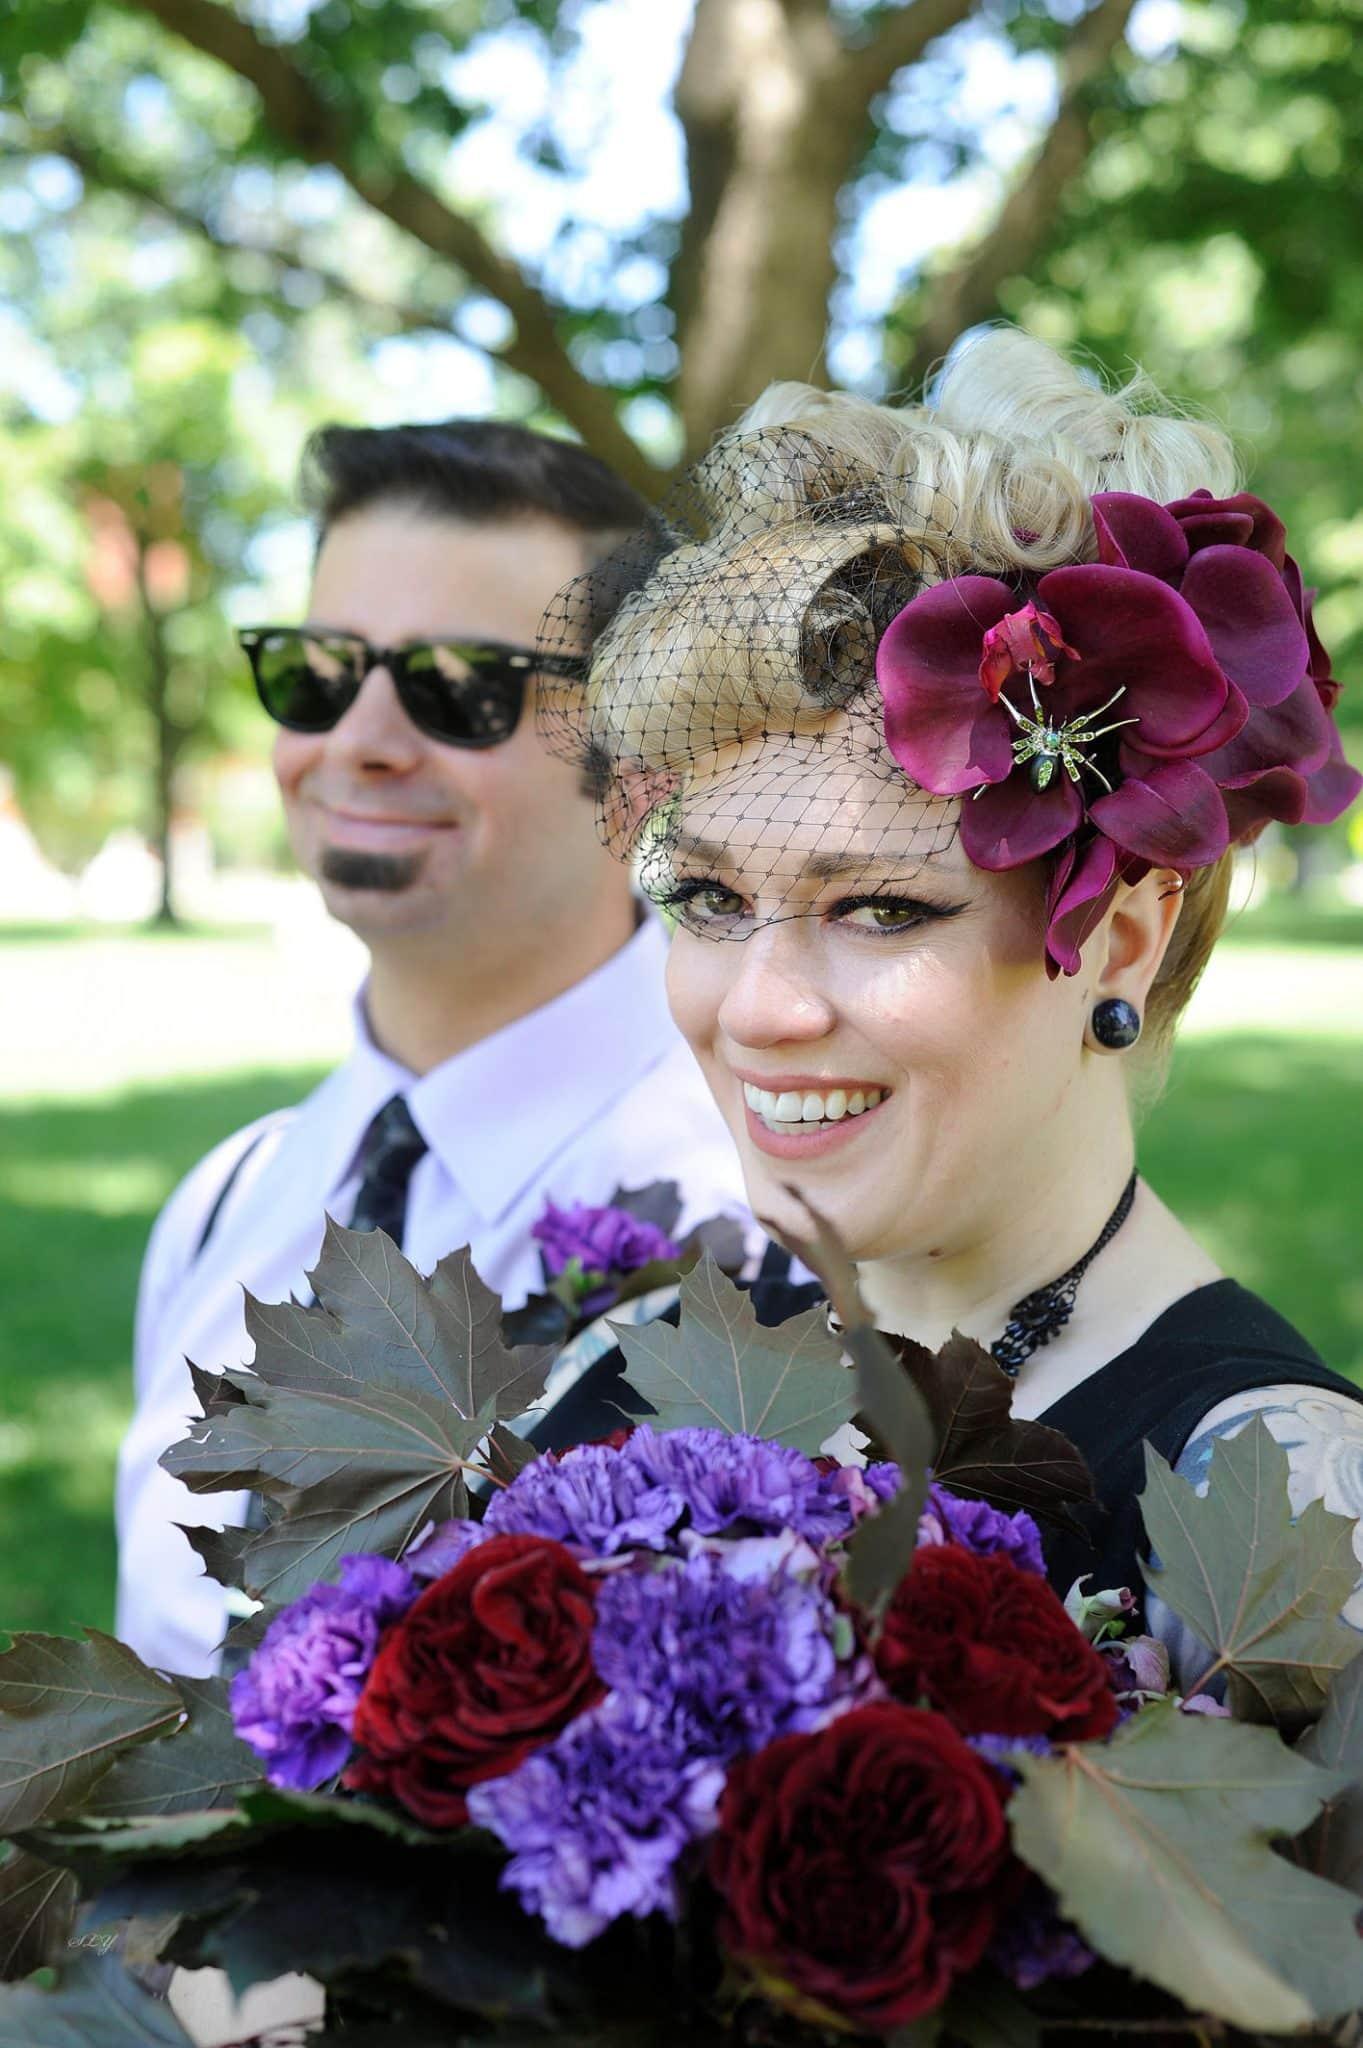 Baddass rocknroll bride